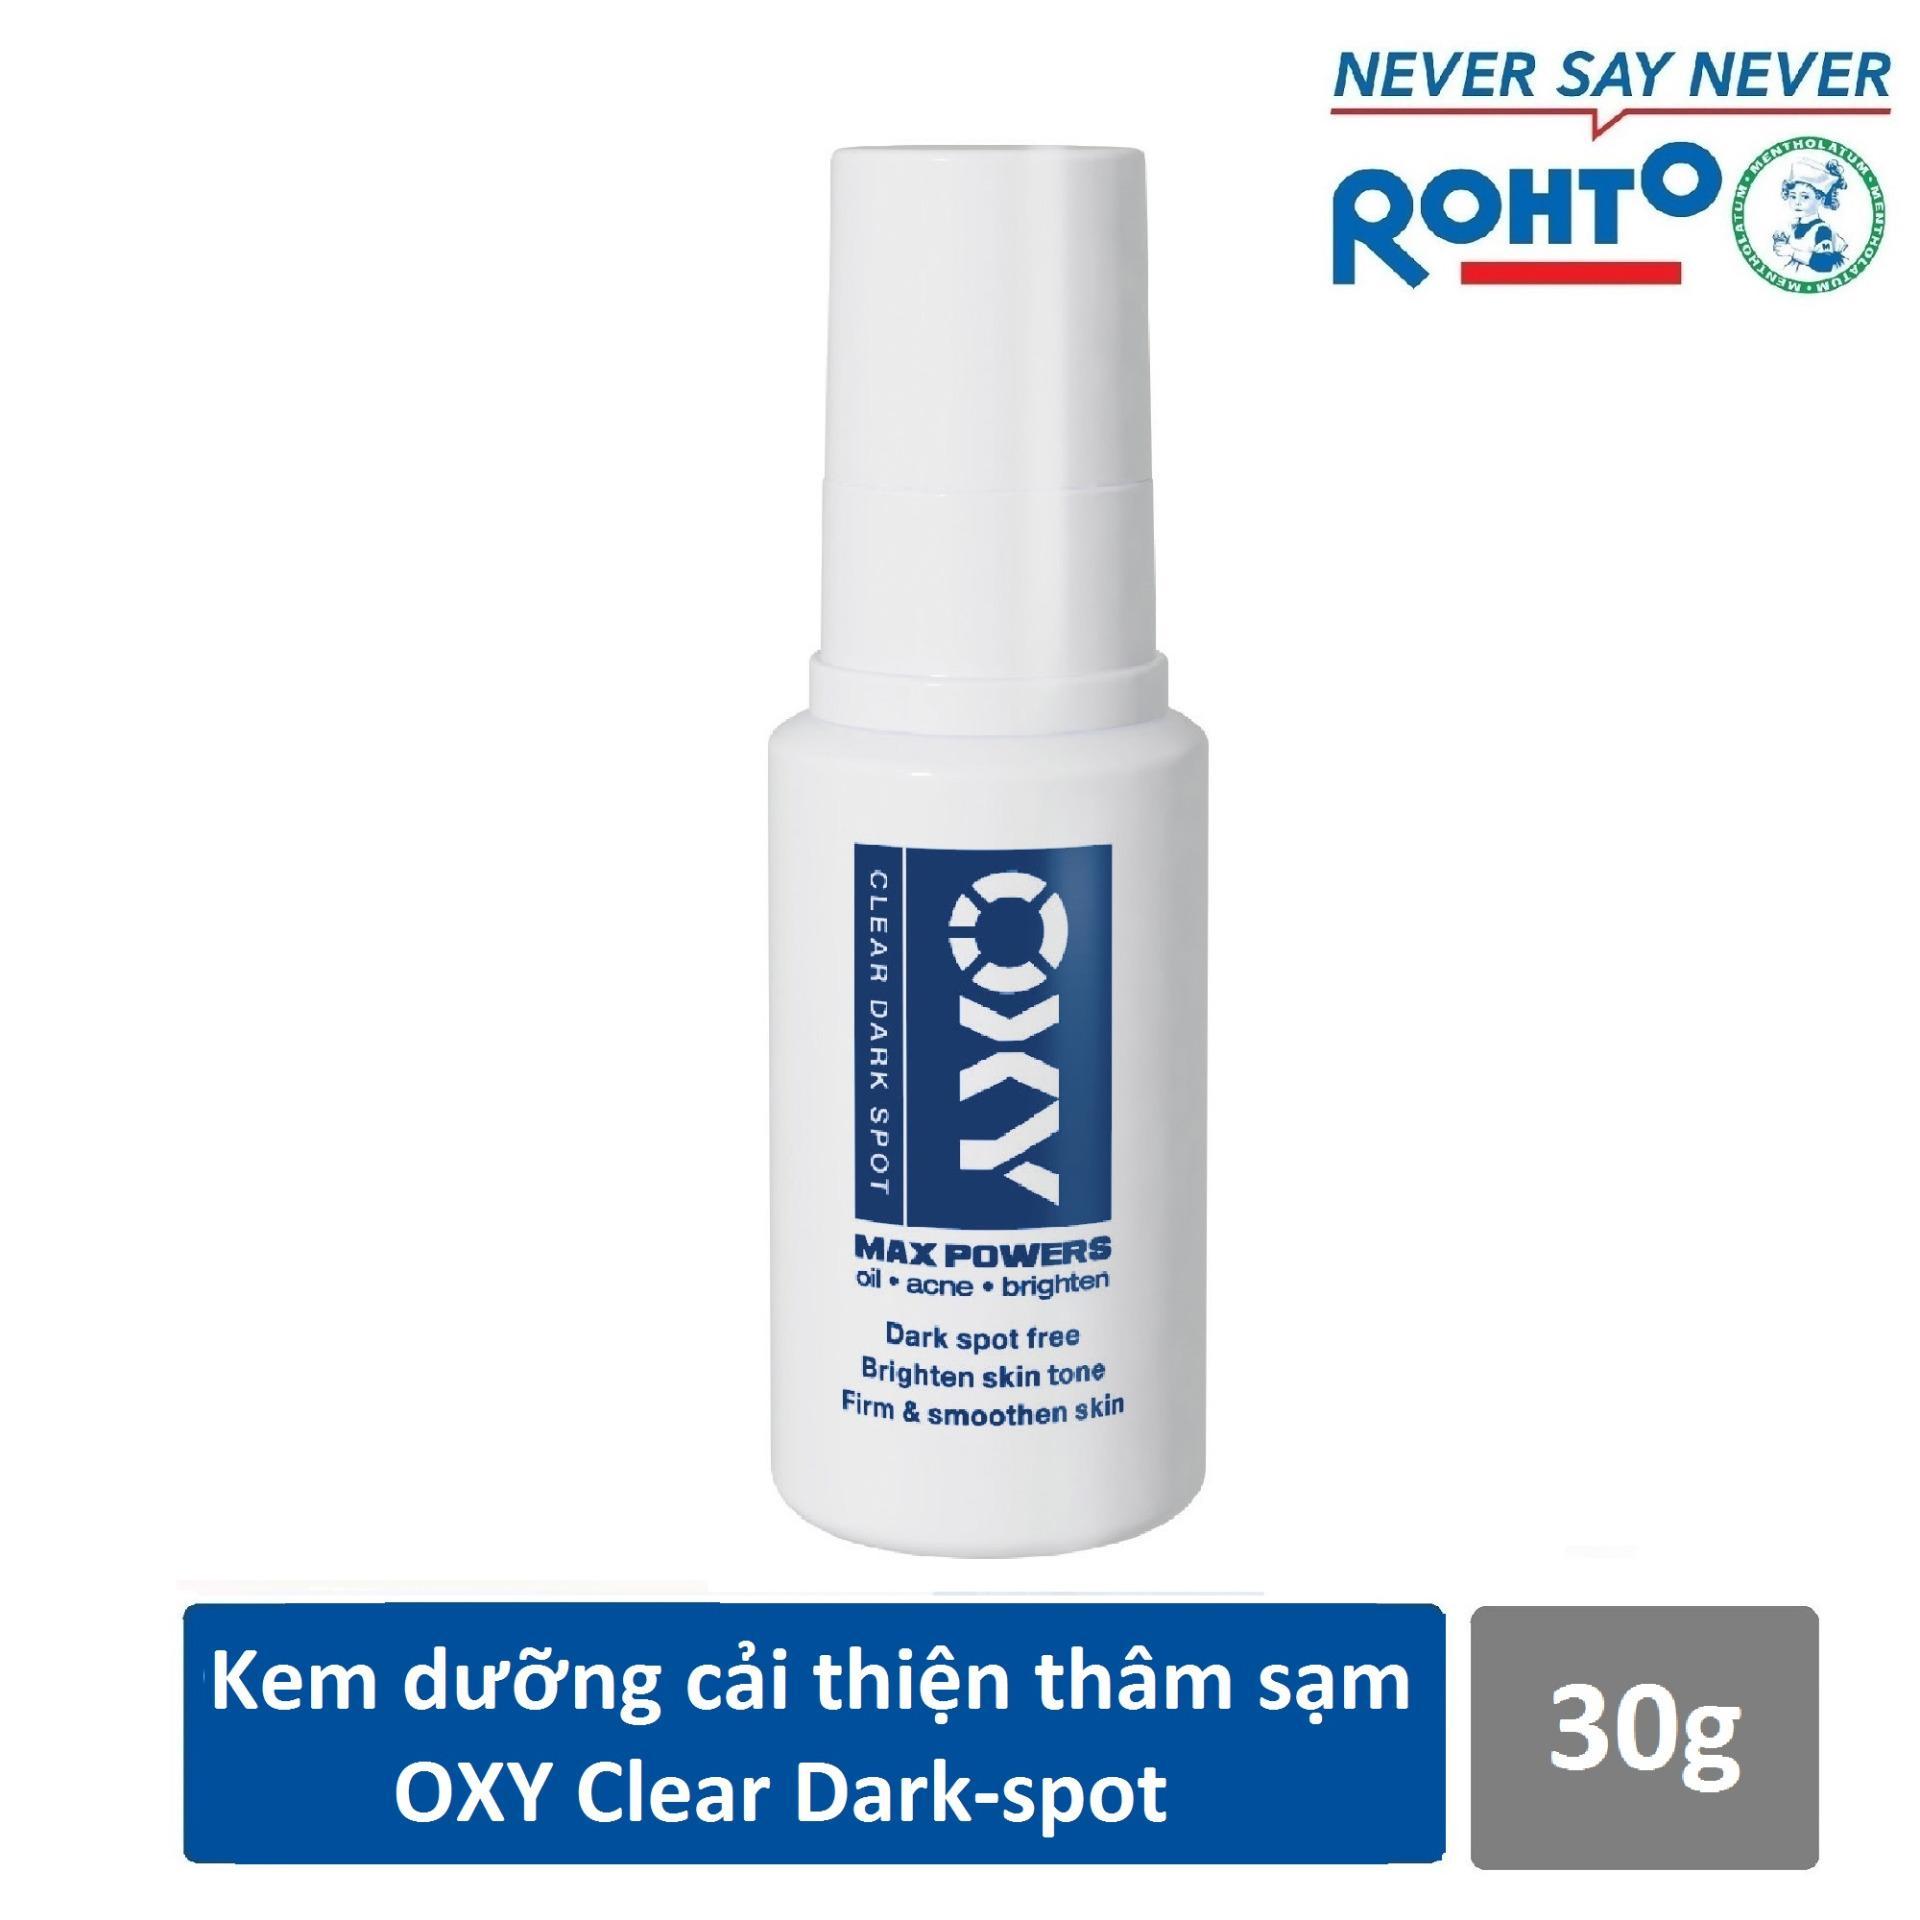 Kem dưỡng cải thiện thâm sạm Oxy Clear Dark Spot 30g